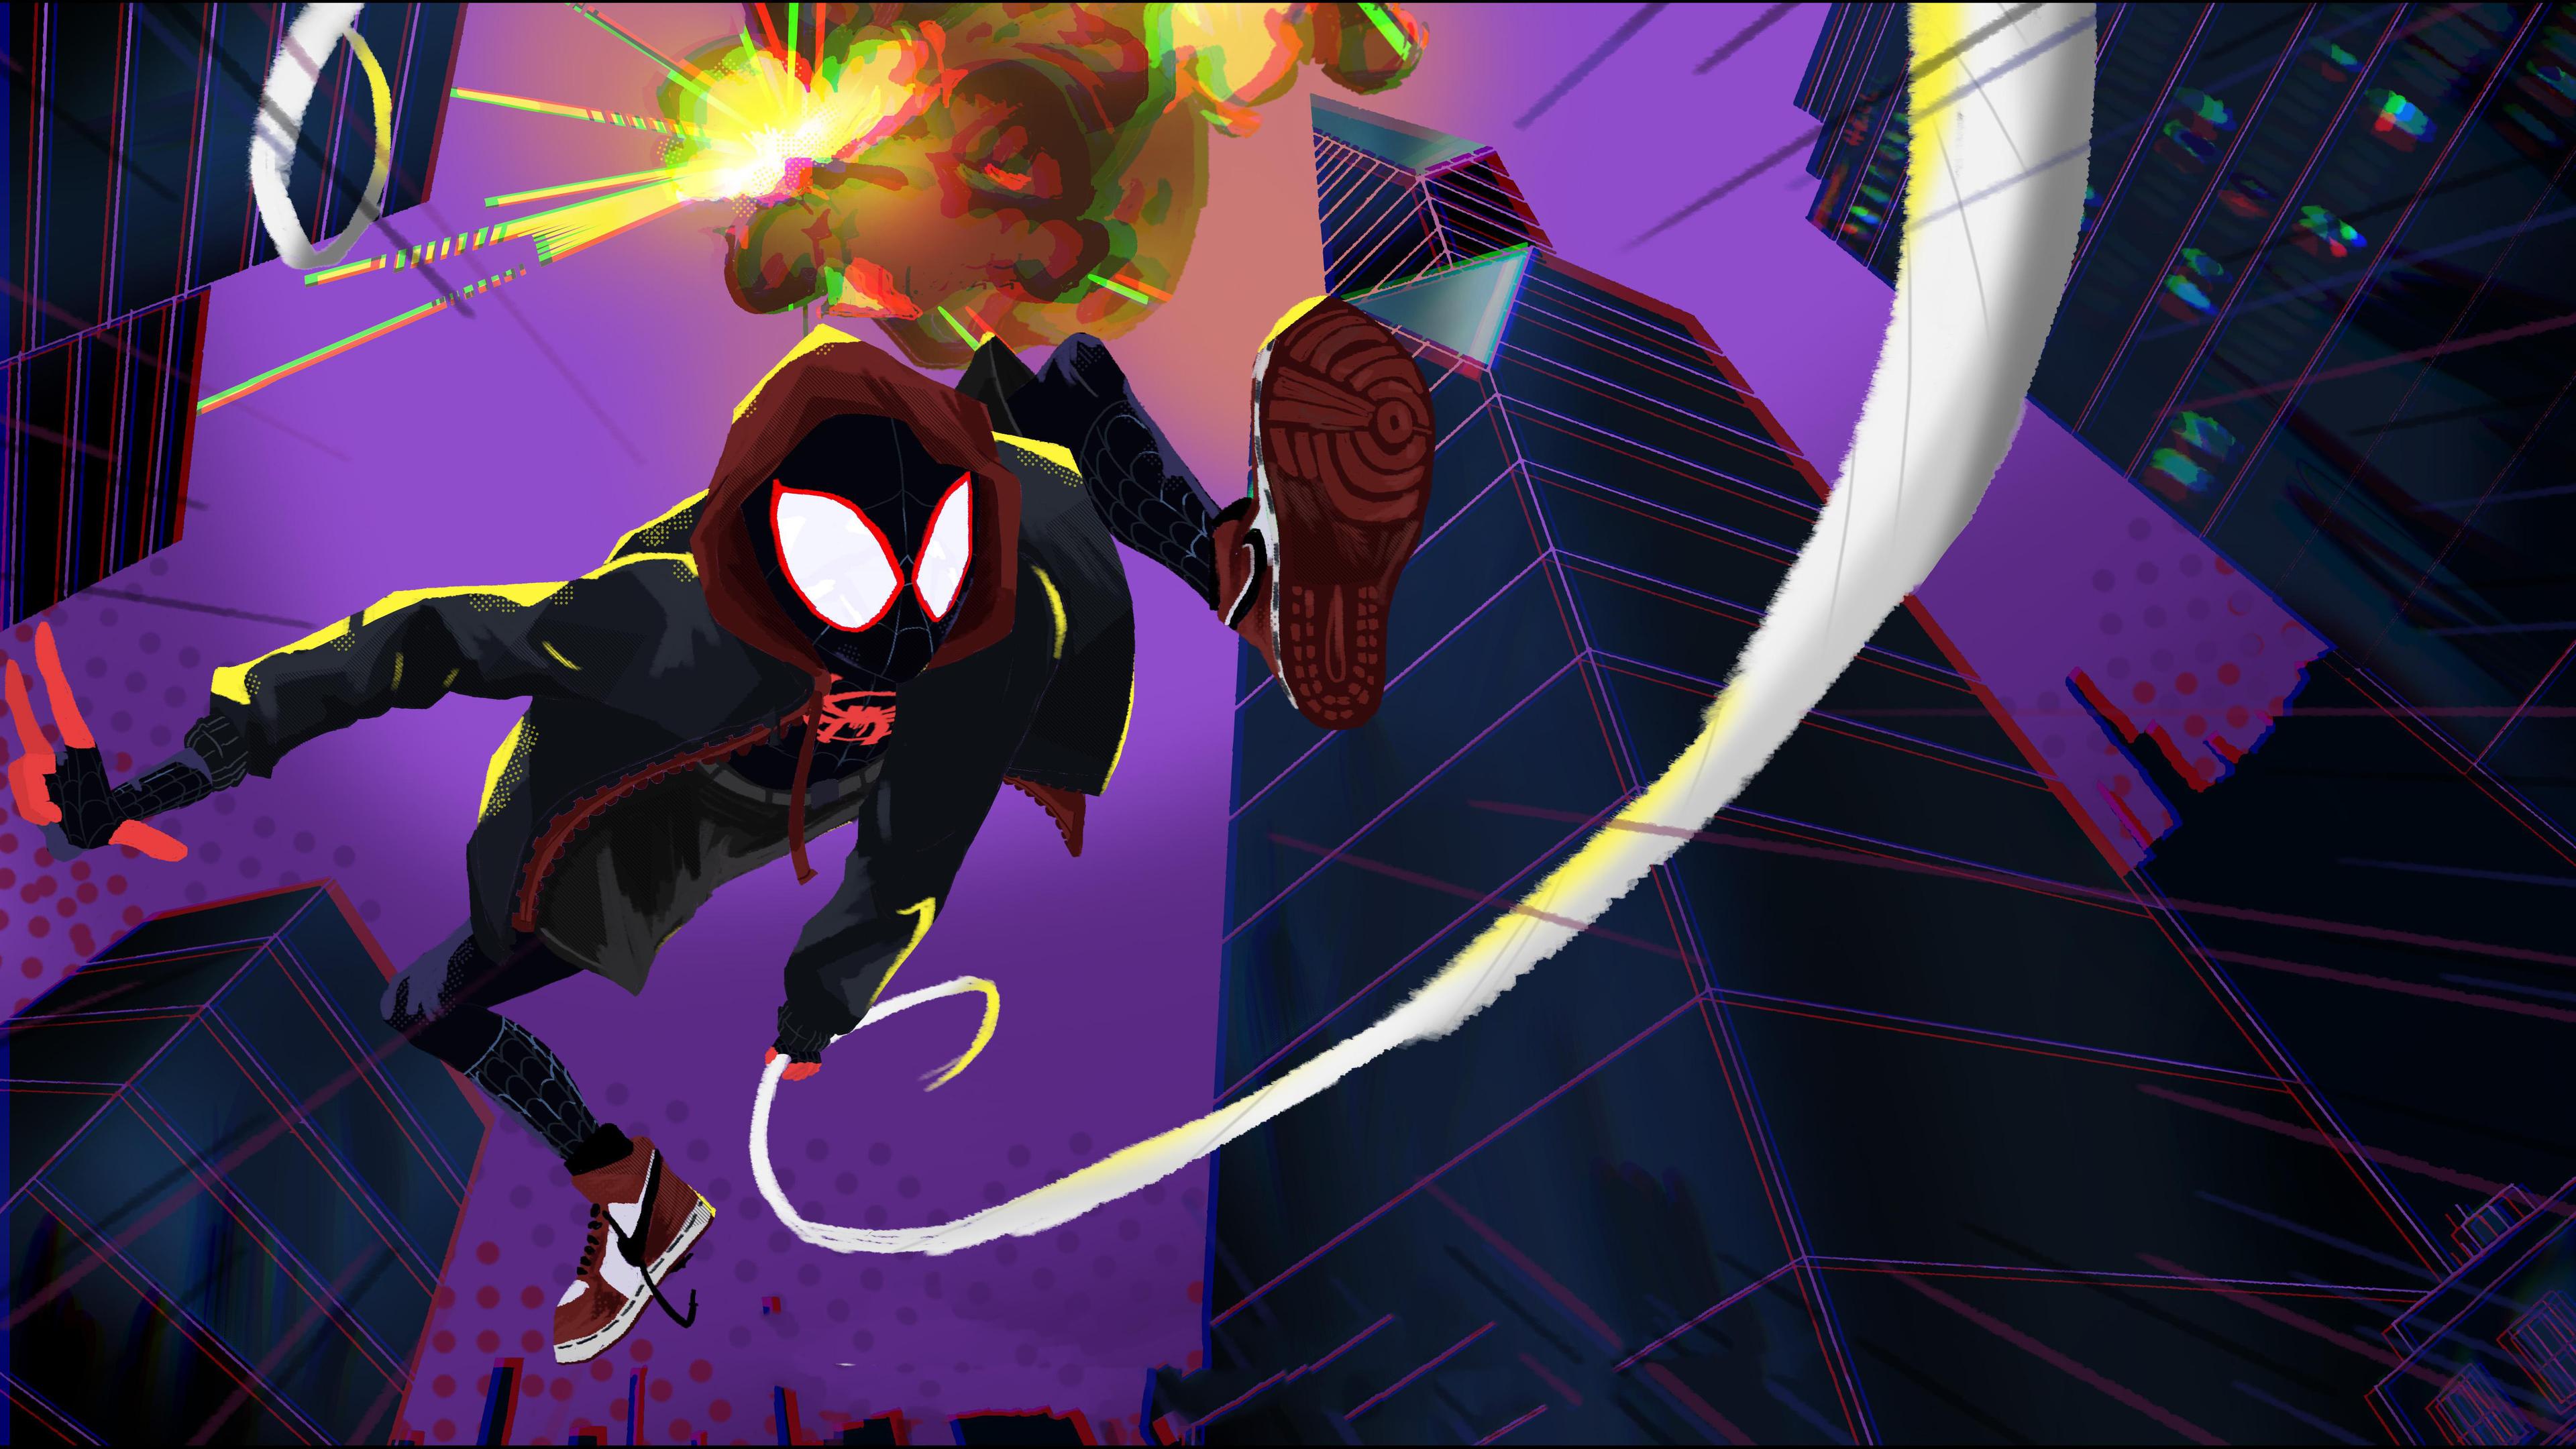 Spiderman Miles Morales Art 4k superheroes wallpapers ...